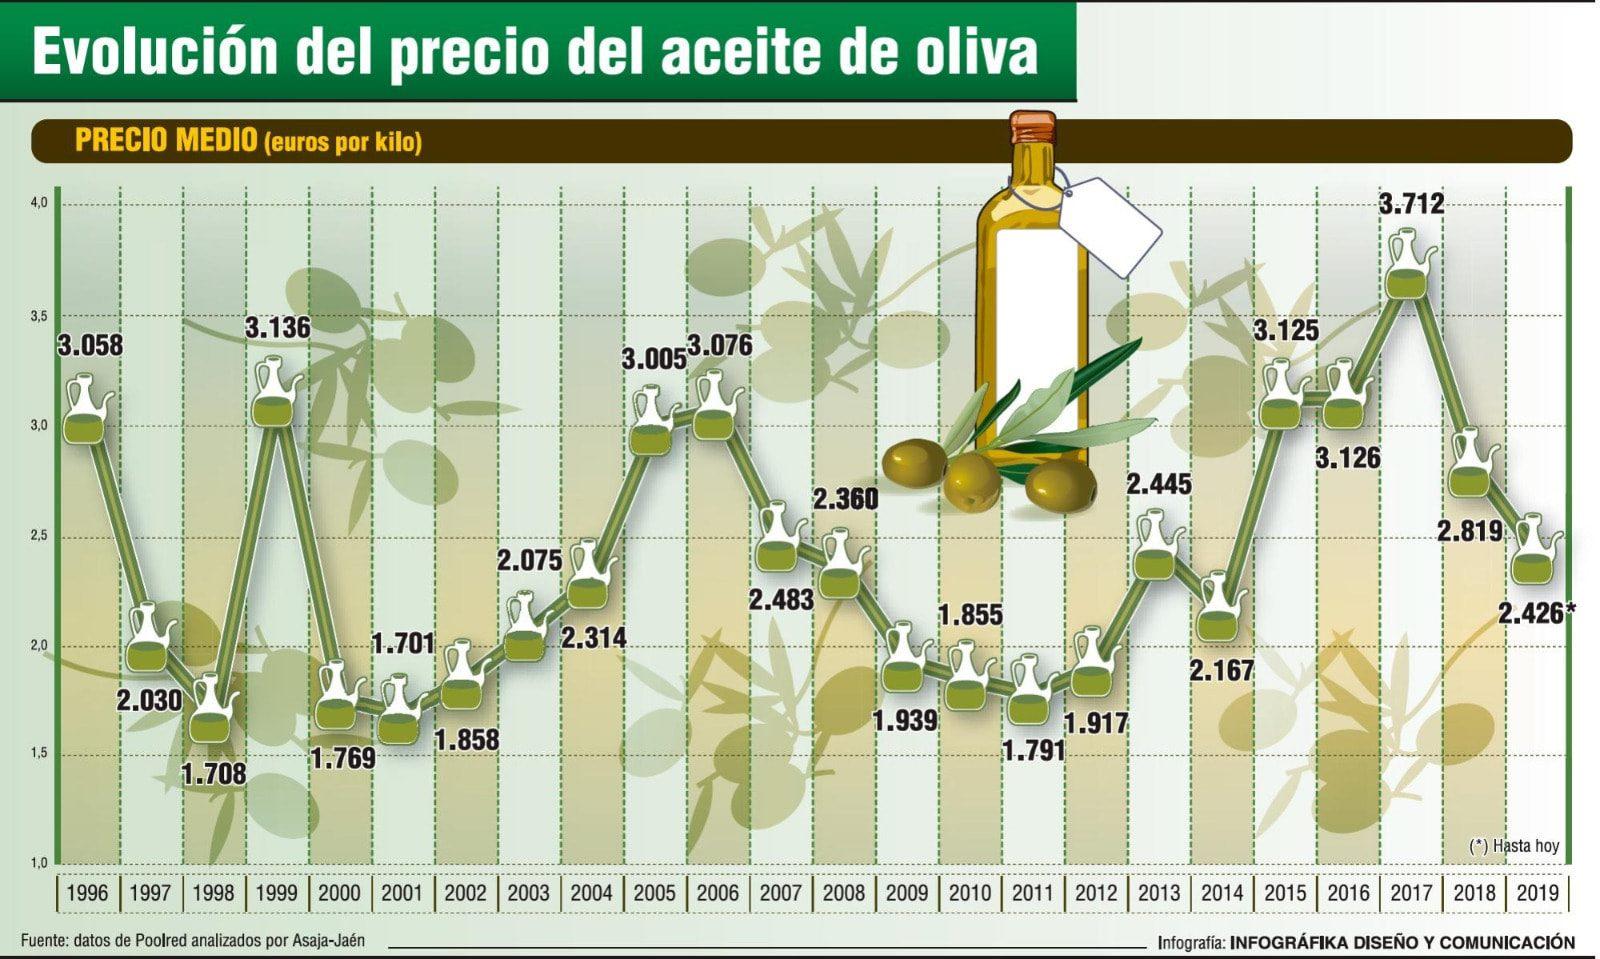 Il crollo del prezzo dell'olio di oliva, mentre i prezzi degli oli vegetali aumentano.